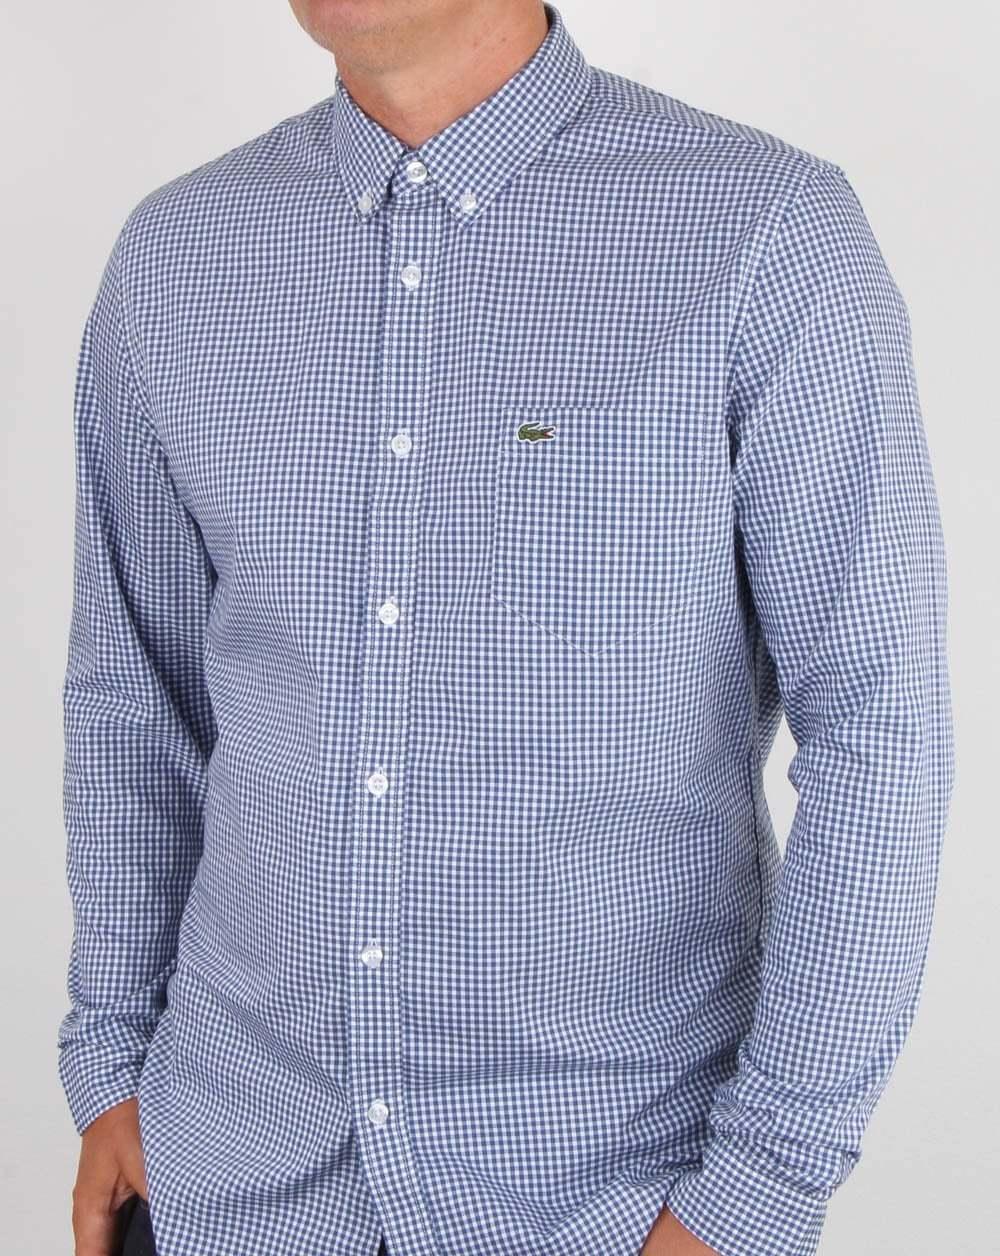 LACOSTE Check Camicia a Maniche Lunghe in Blu & Bianco-Percalle di Cotone